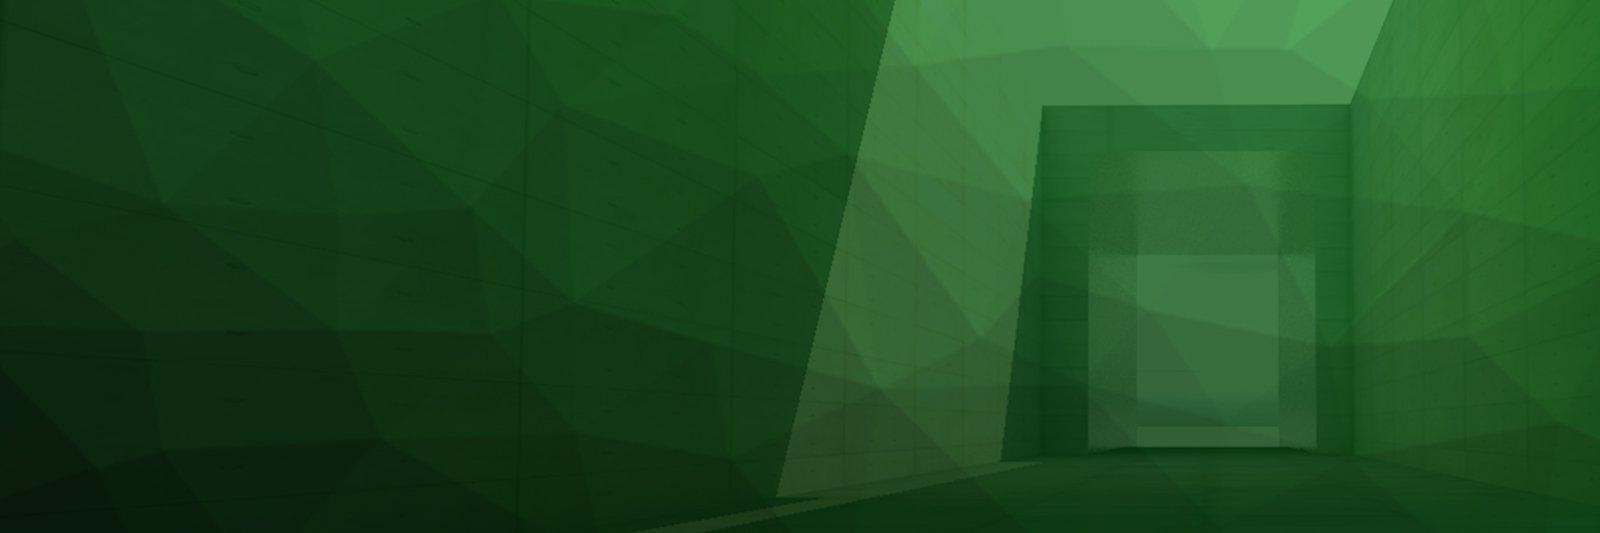 Bannerbillede til siden webstrategi